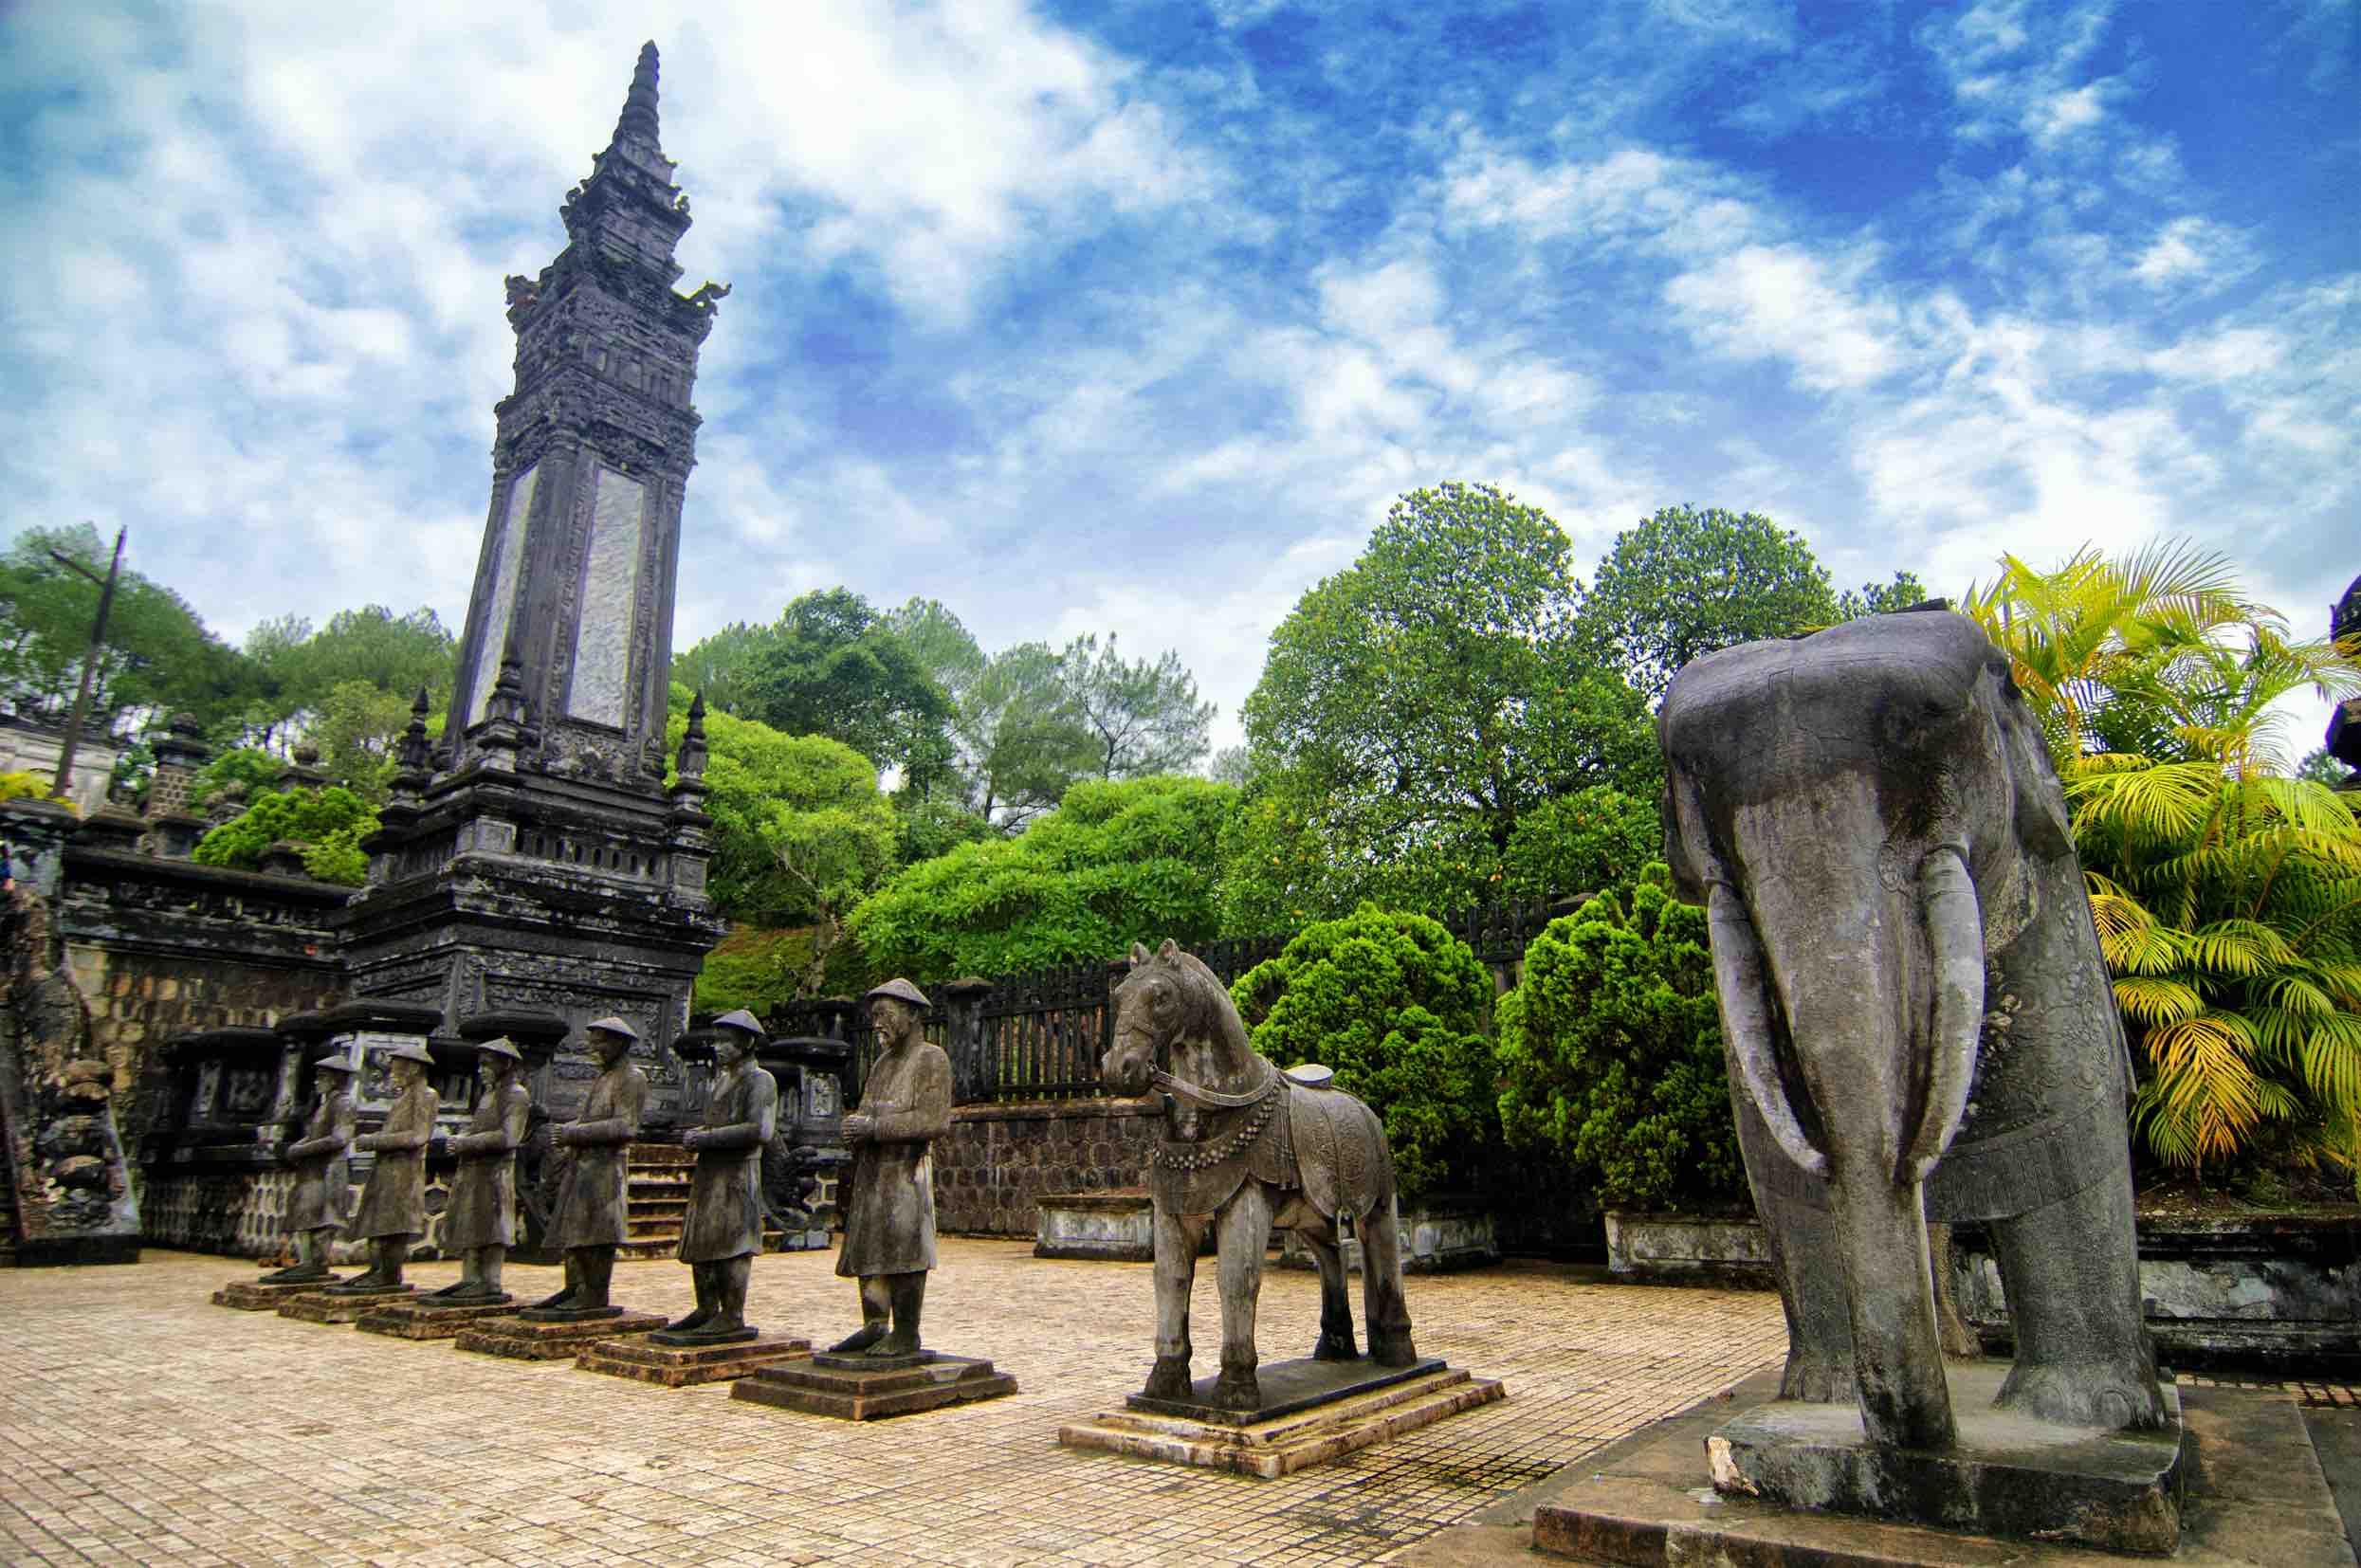 Le Vietnam m'attend dans quelques jours